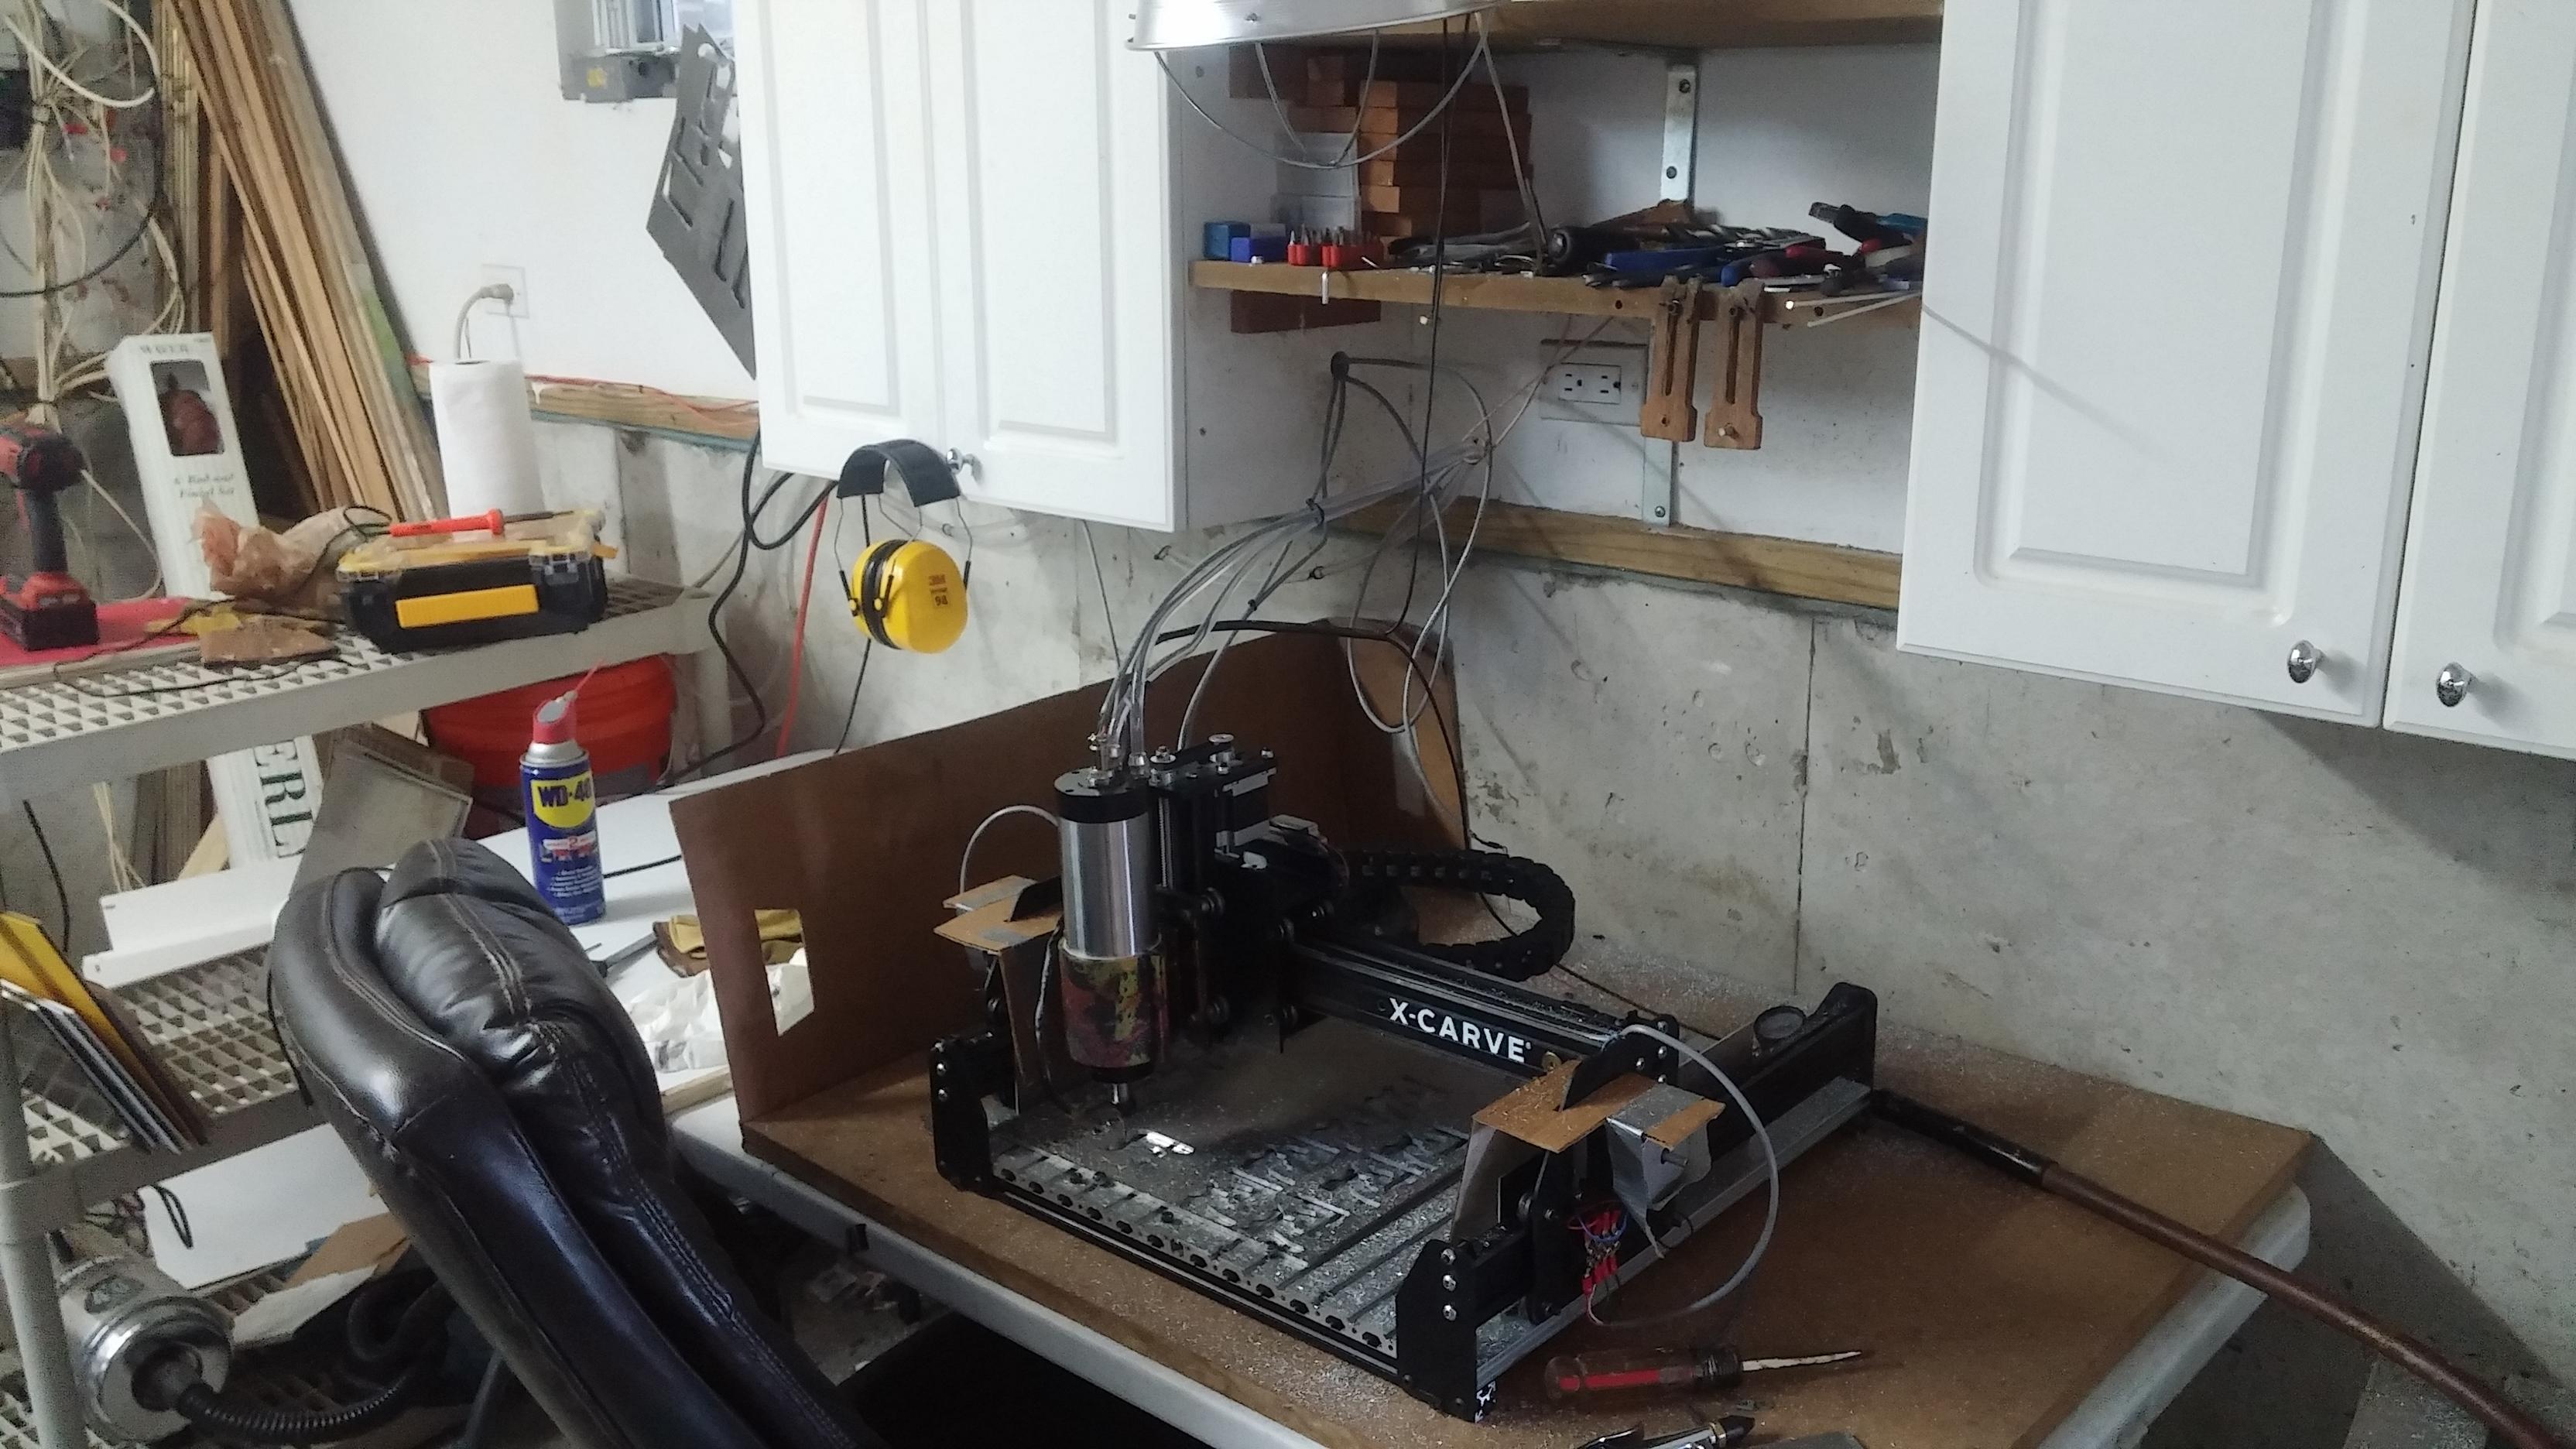 Resolved] Spindle noise making stepper motors lose steps